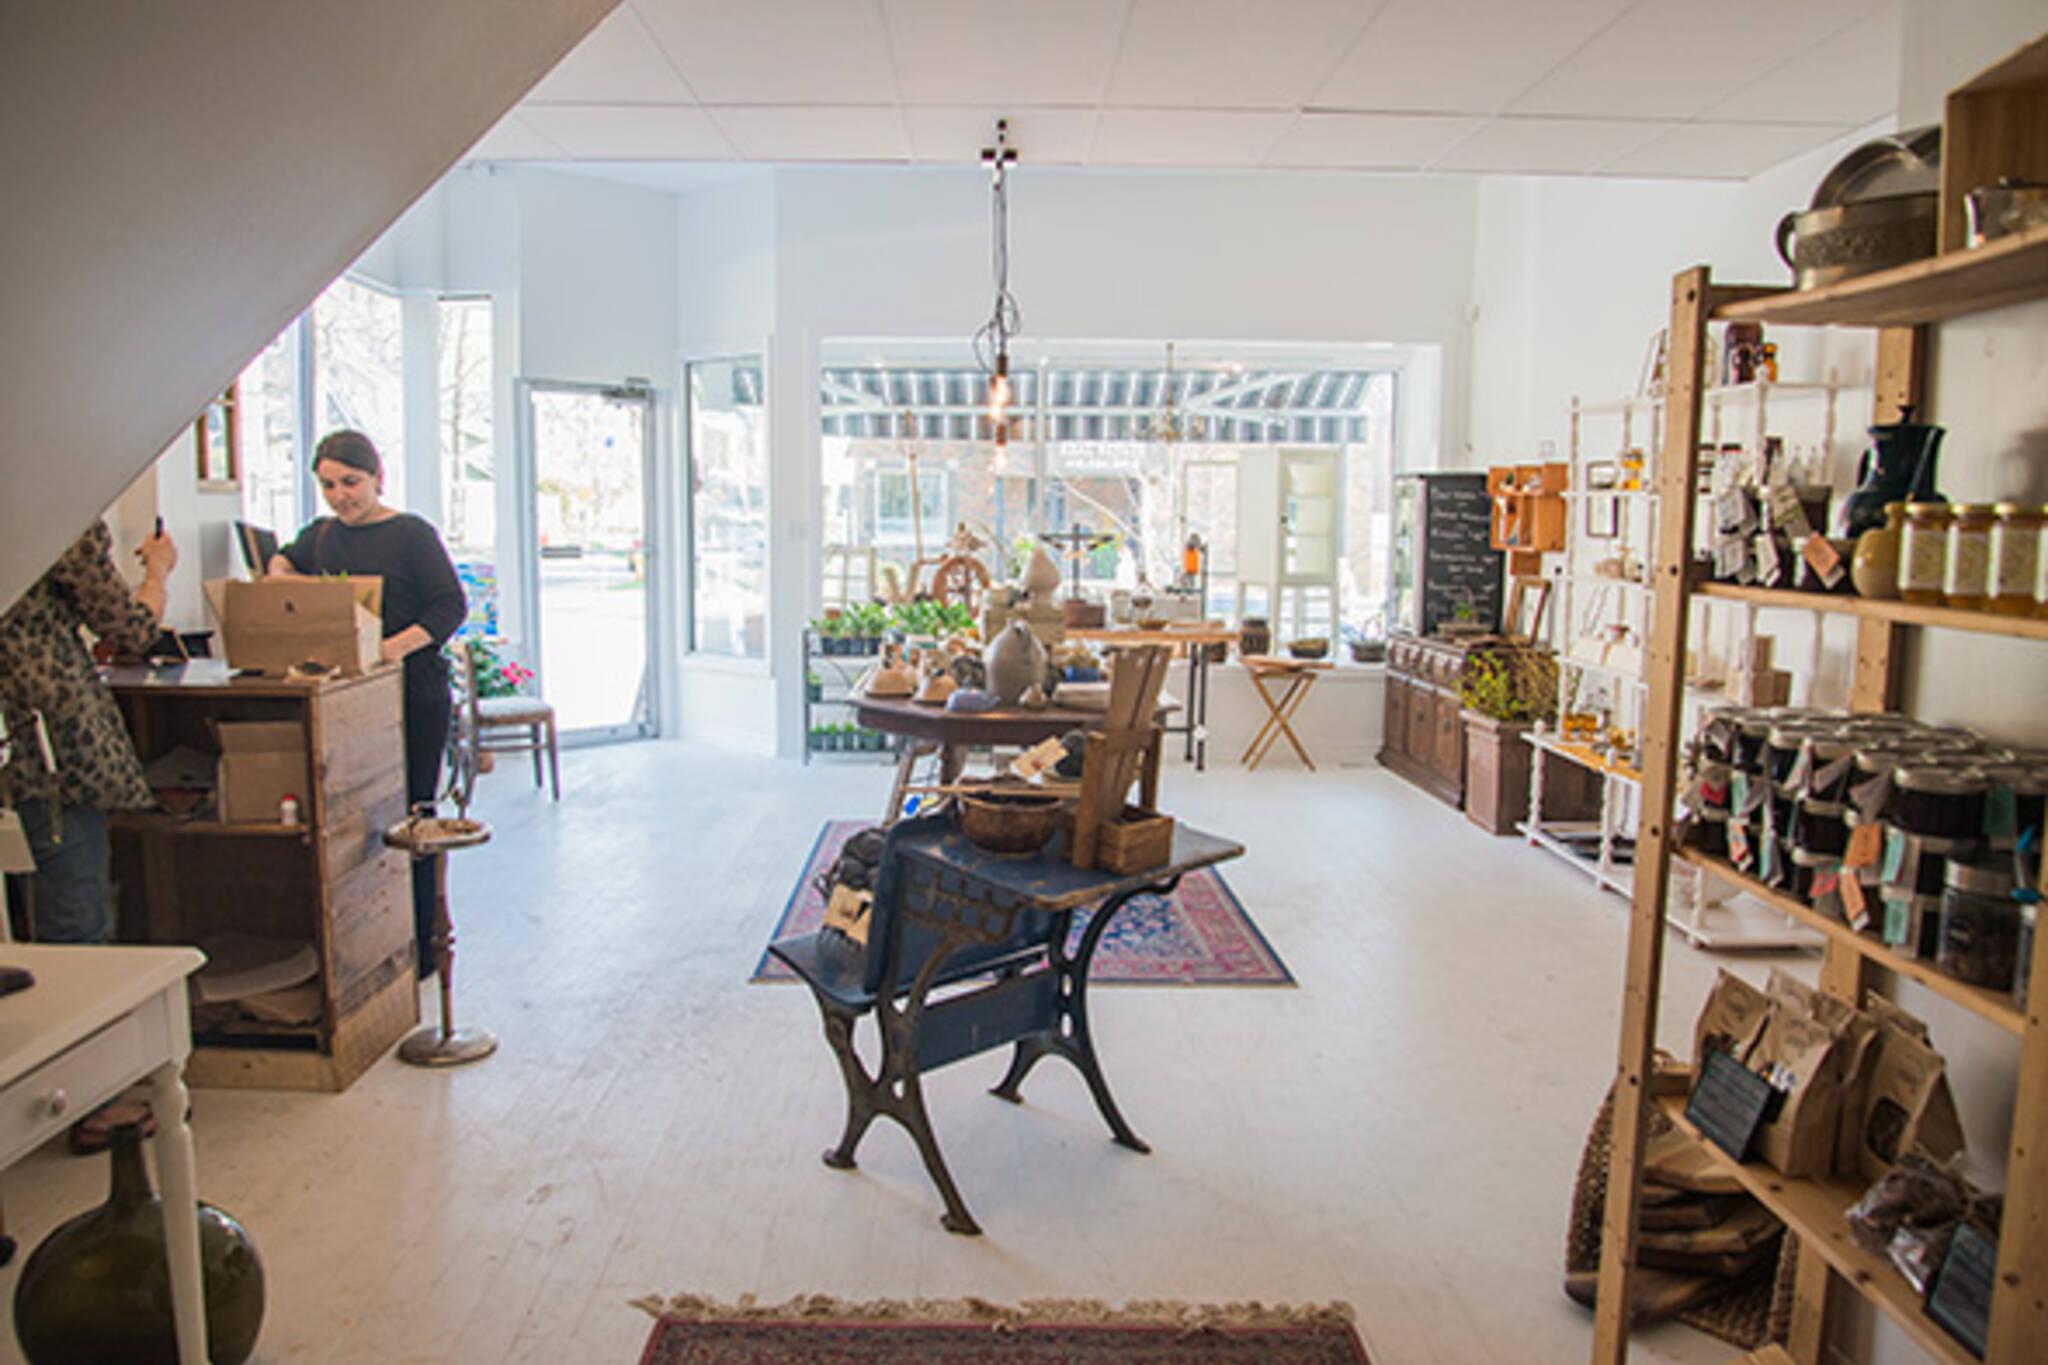 decor toronto stores under radar rowan shopping homespun blogto quality